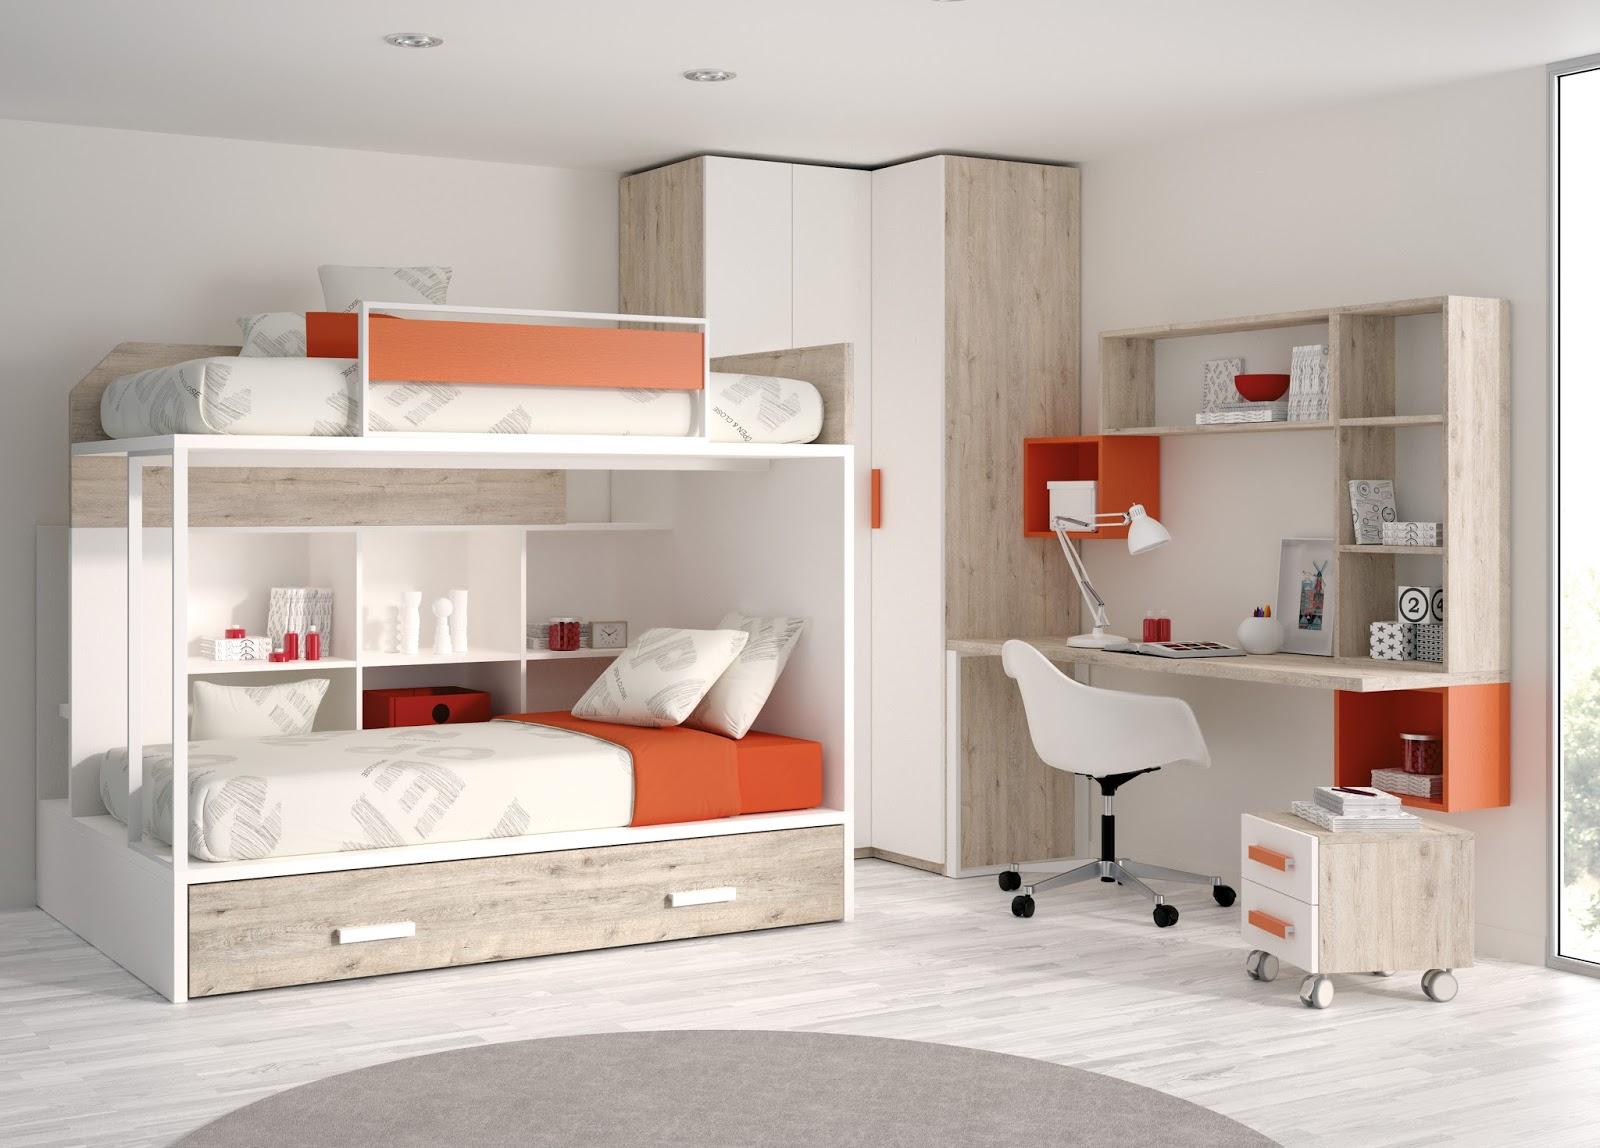 Habitaciones juveniles con litera - Habitaciones con literas juveniles ...